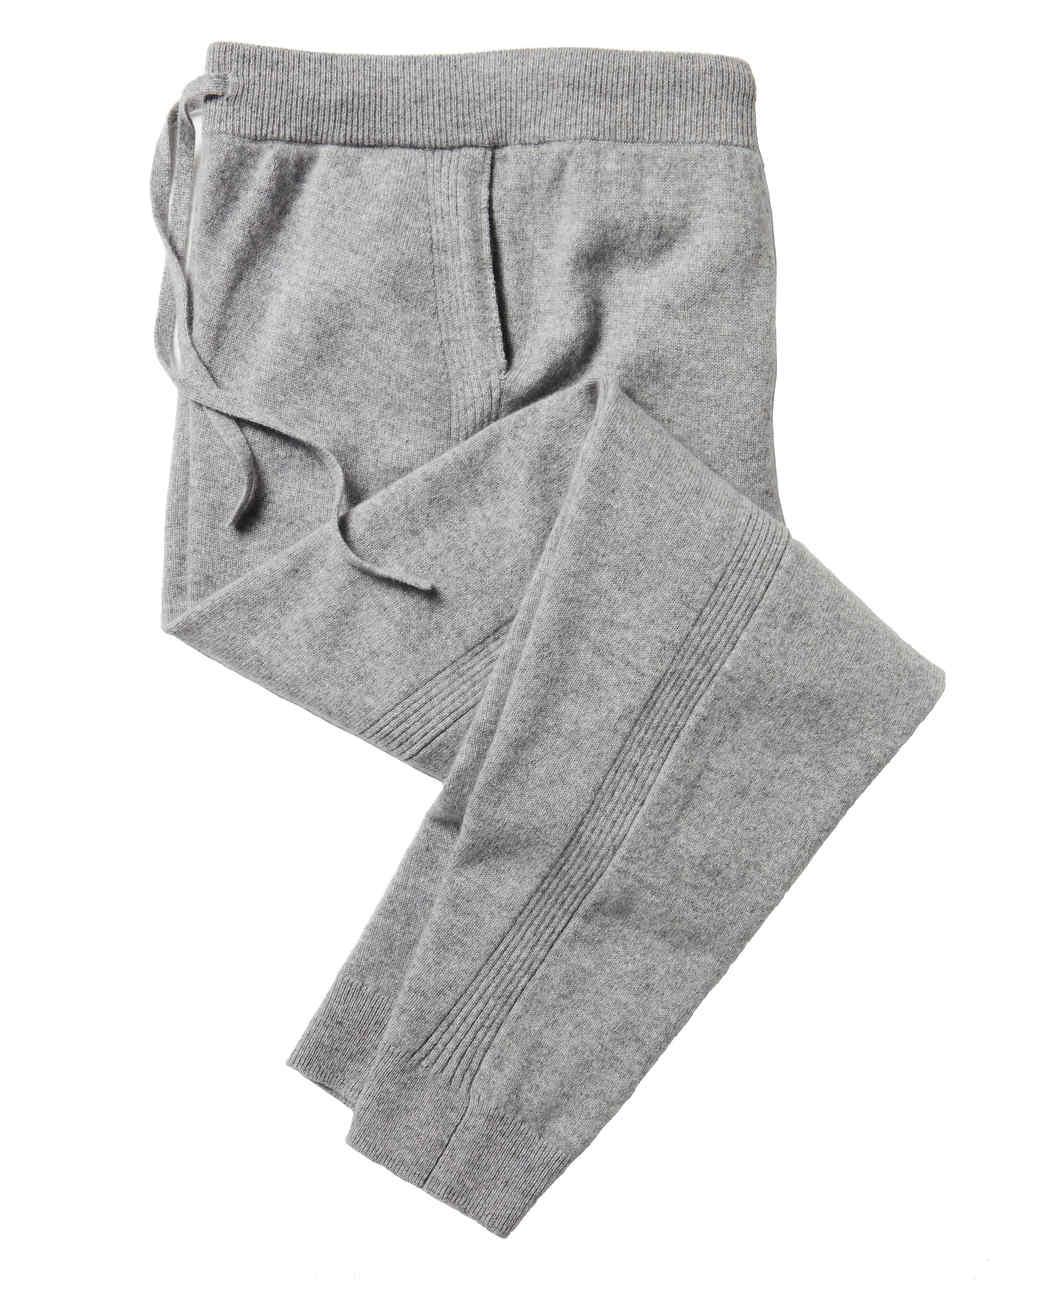 filoro loungewear joggers gift